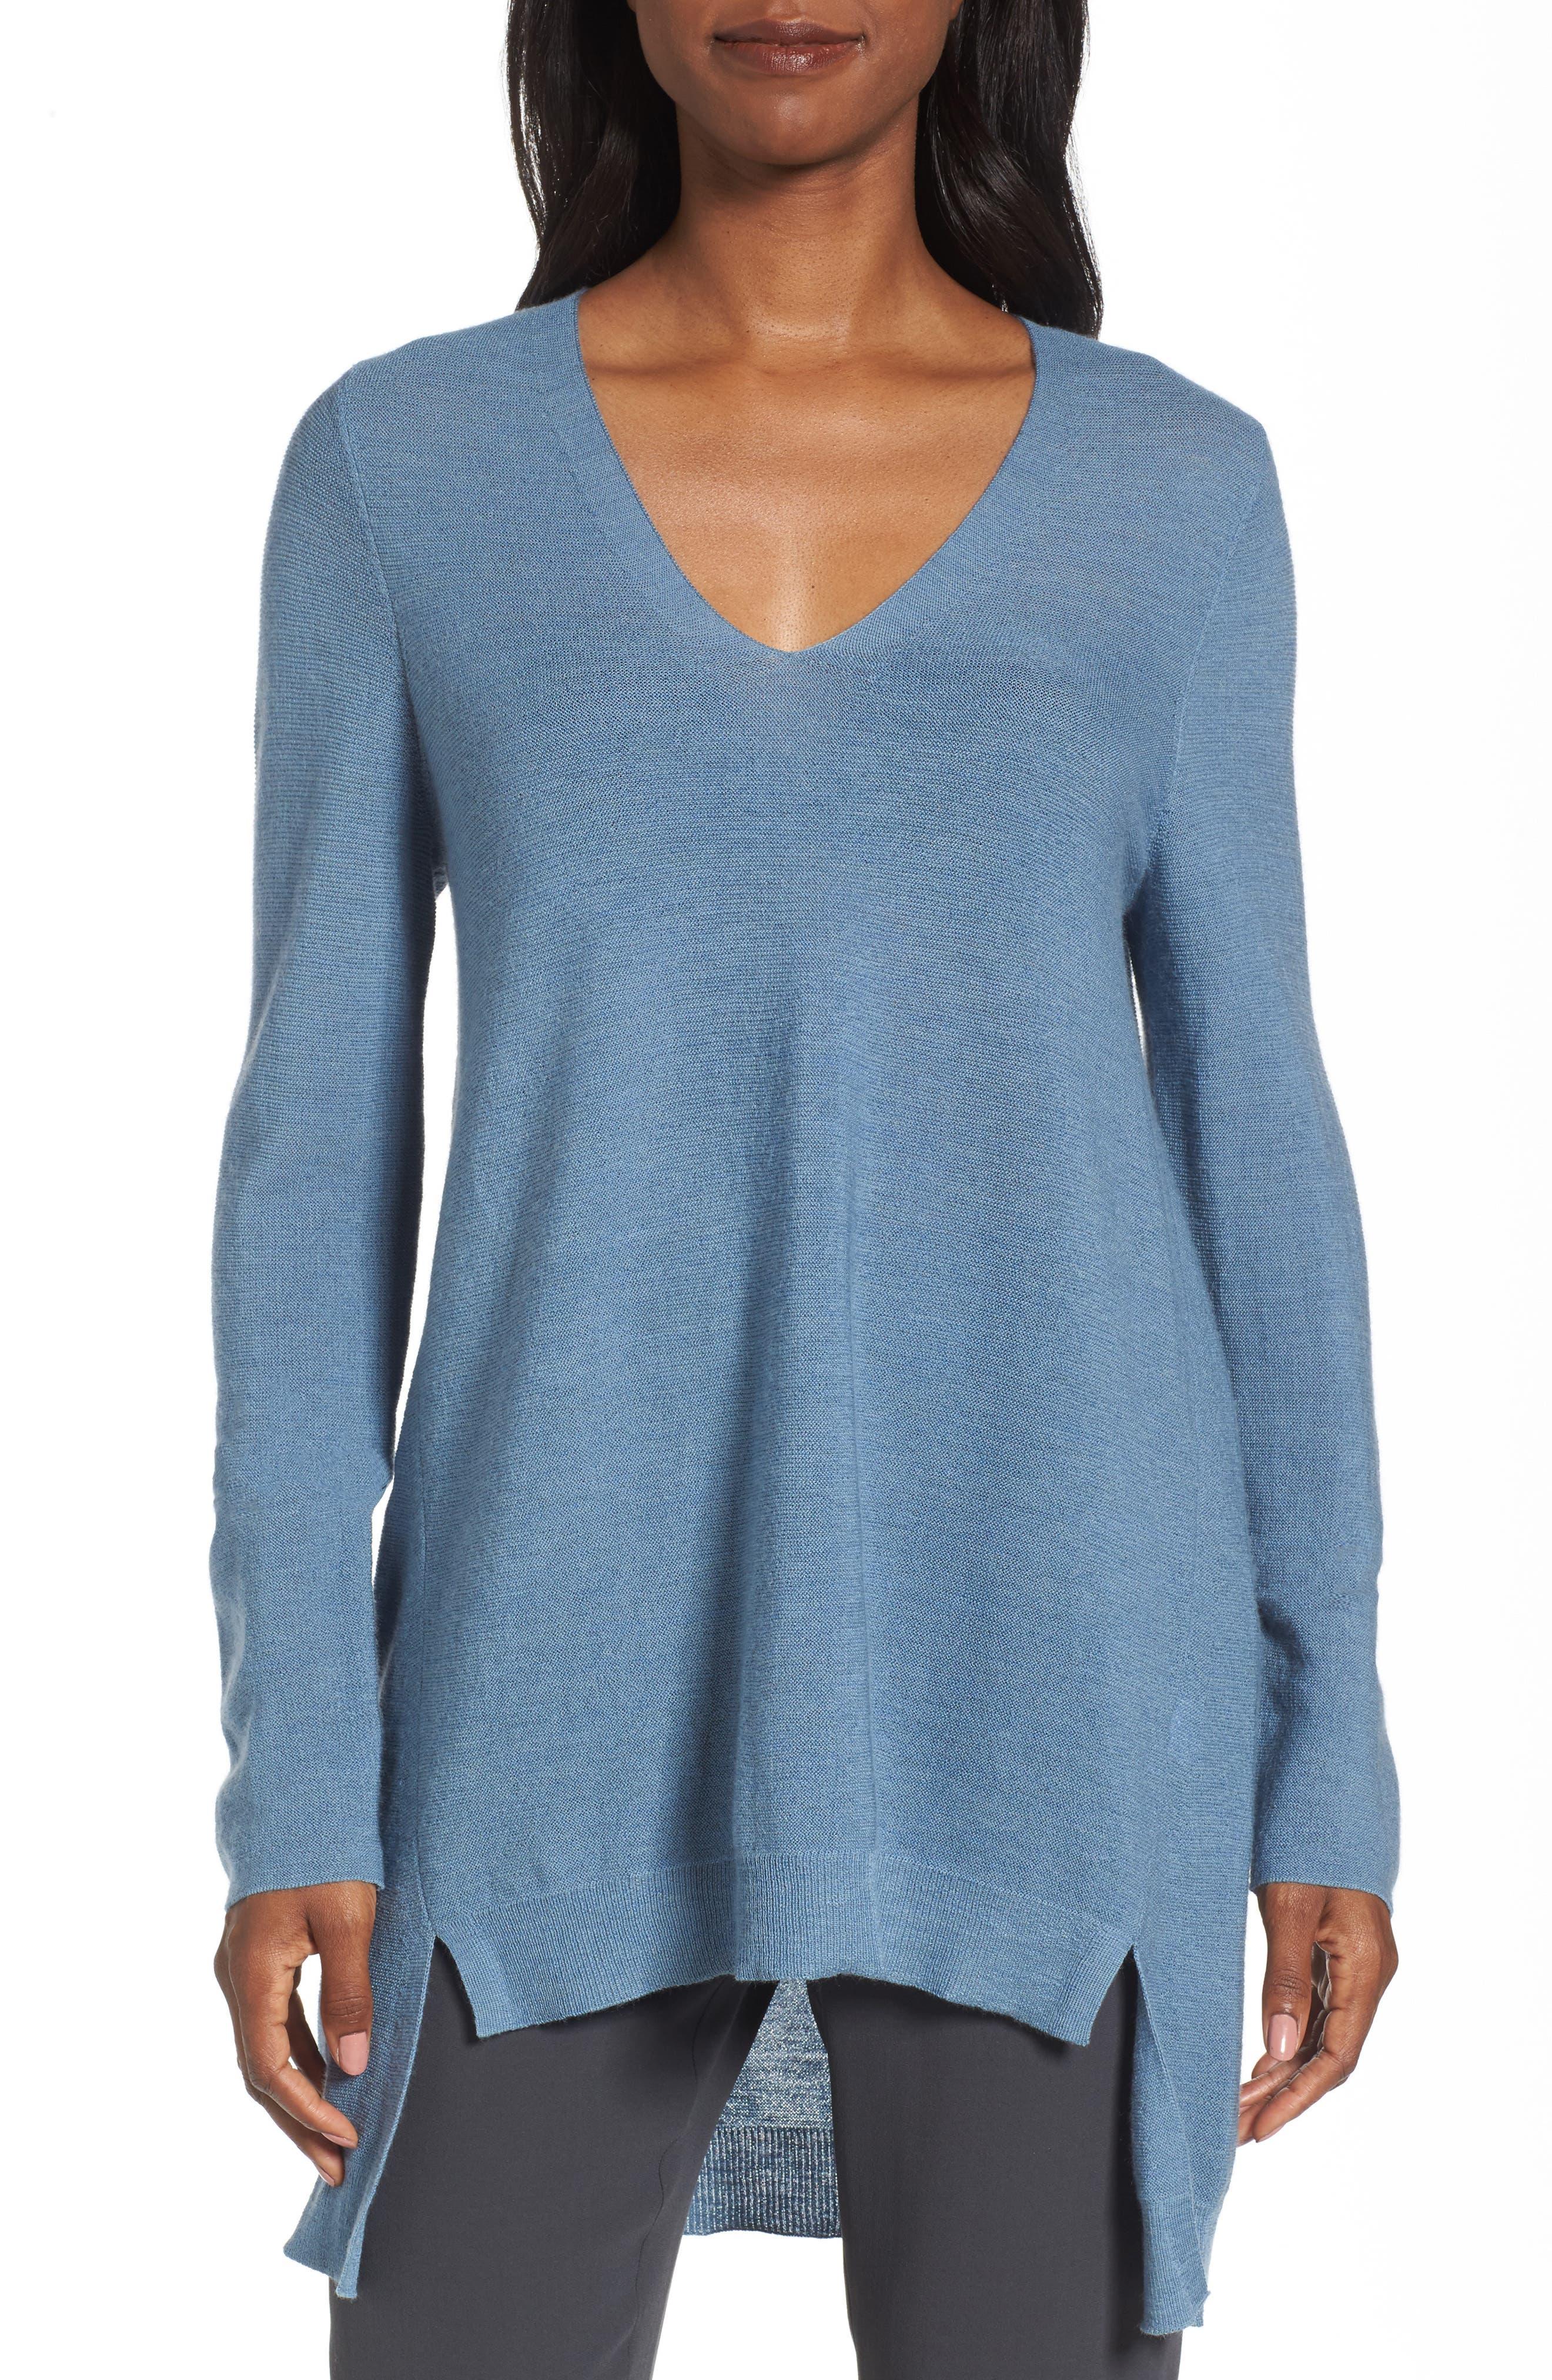 Main Image - Eileen Fisher High/Low Merino Wool Sweater